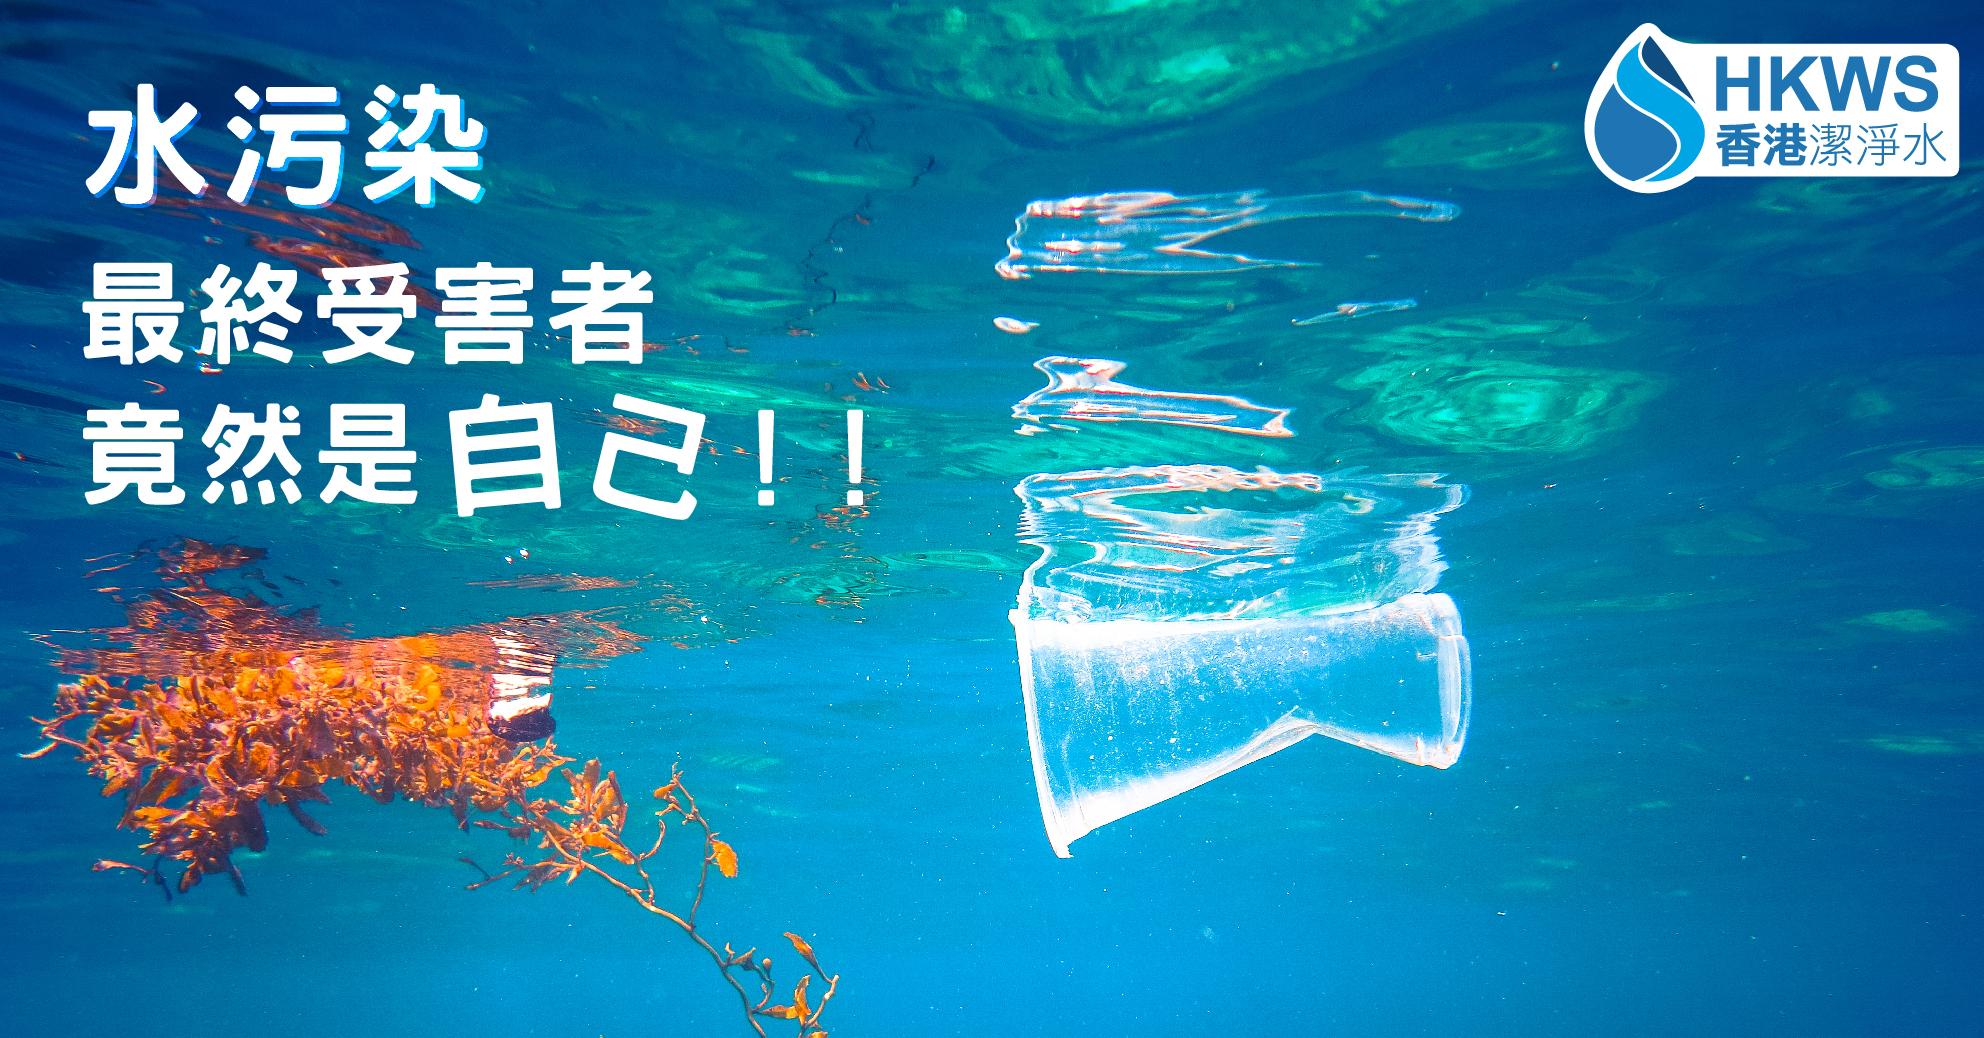 水污染影響大,一起保護水源!